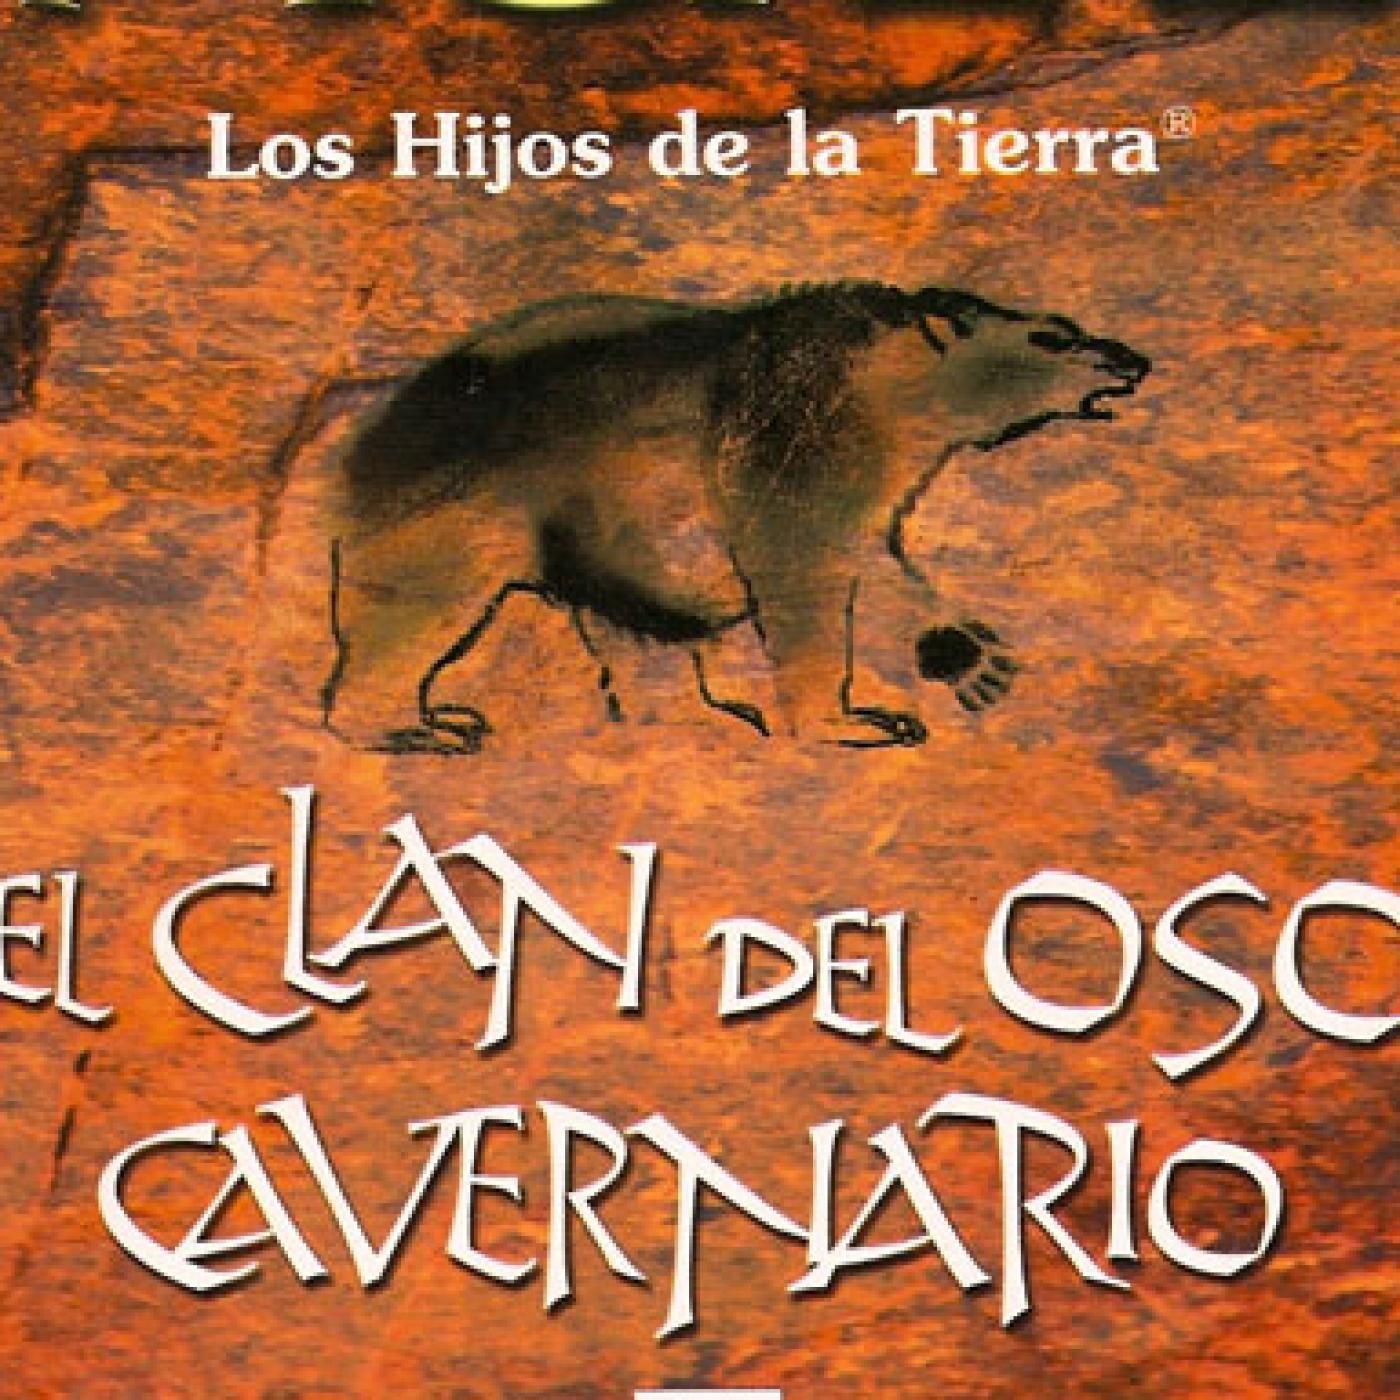 Agradecimientos y Capítulo 1 en El Clan del Oso cavernario (Jean M. Auel)  en mp3(22/10 a las 20:07:03) 37:53 9130538 - iVoox